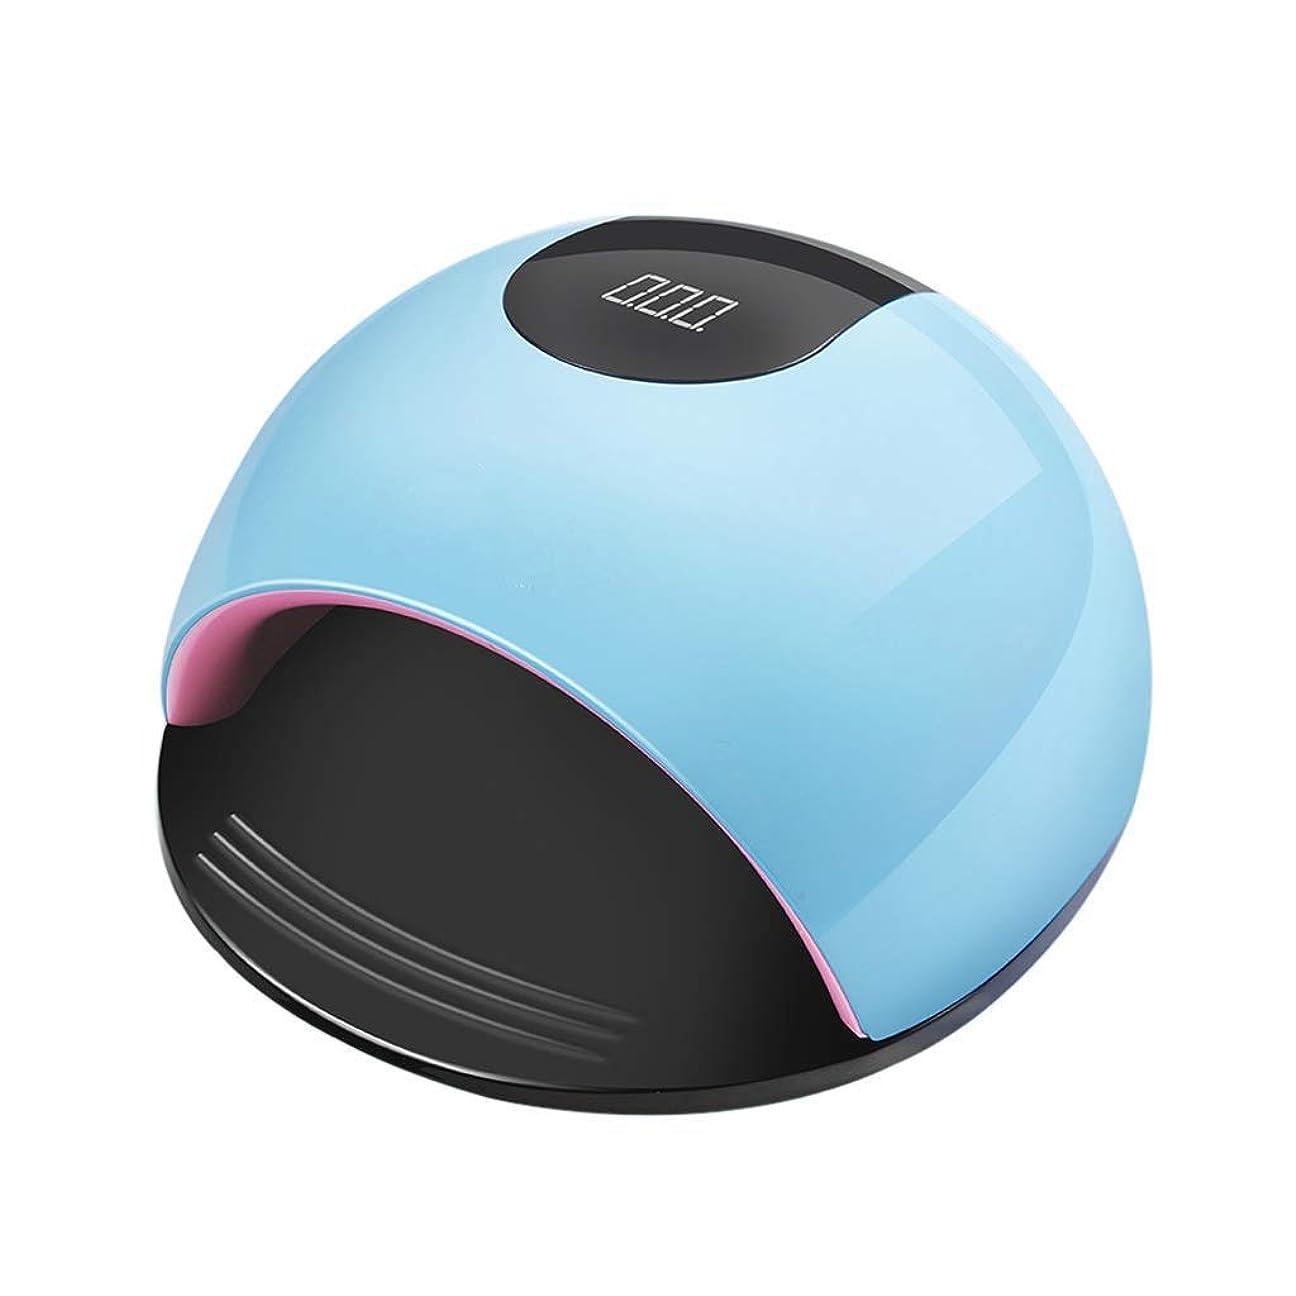 困惑するしつけ借りているYalztc-zyq16 ネイルライト80ワットハイパワーネイル光線療法機36デュアル光源LEDライトドライヤーLCDスクリーンタイミングクイックドライフルグルー(ブルー、ホワイト) (色 : 青)